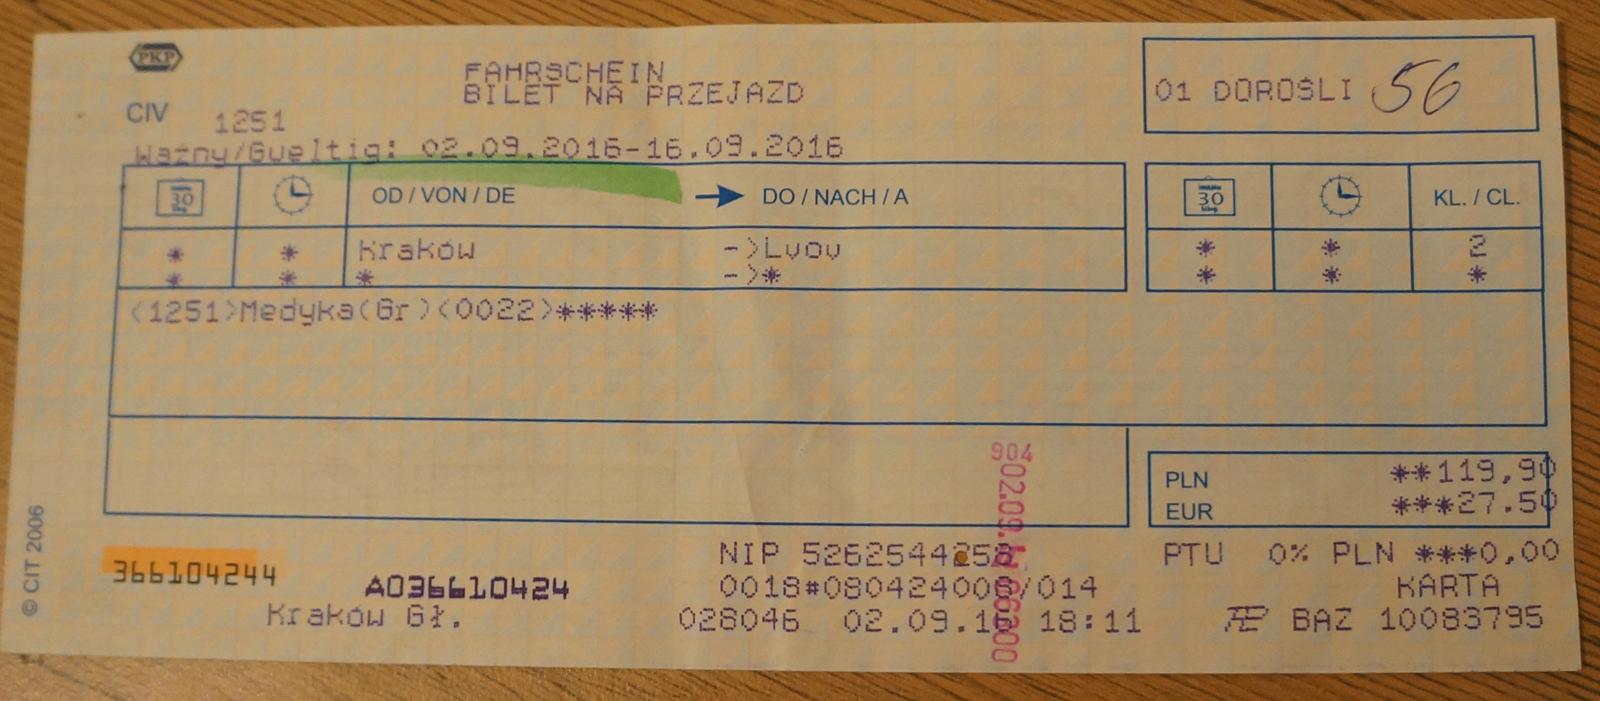 bilet_lvov_krakow